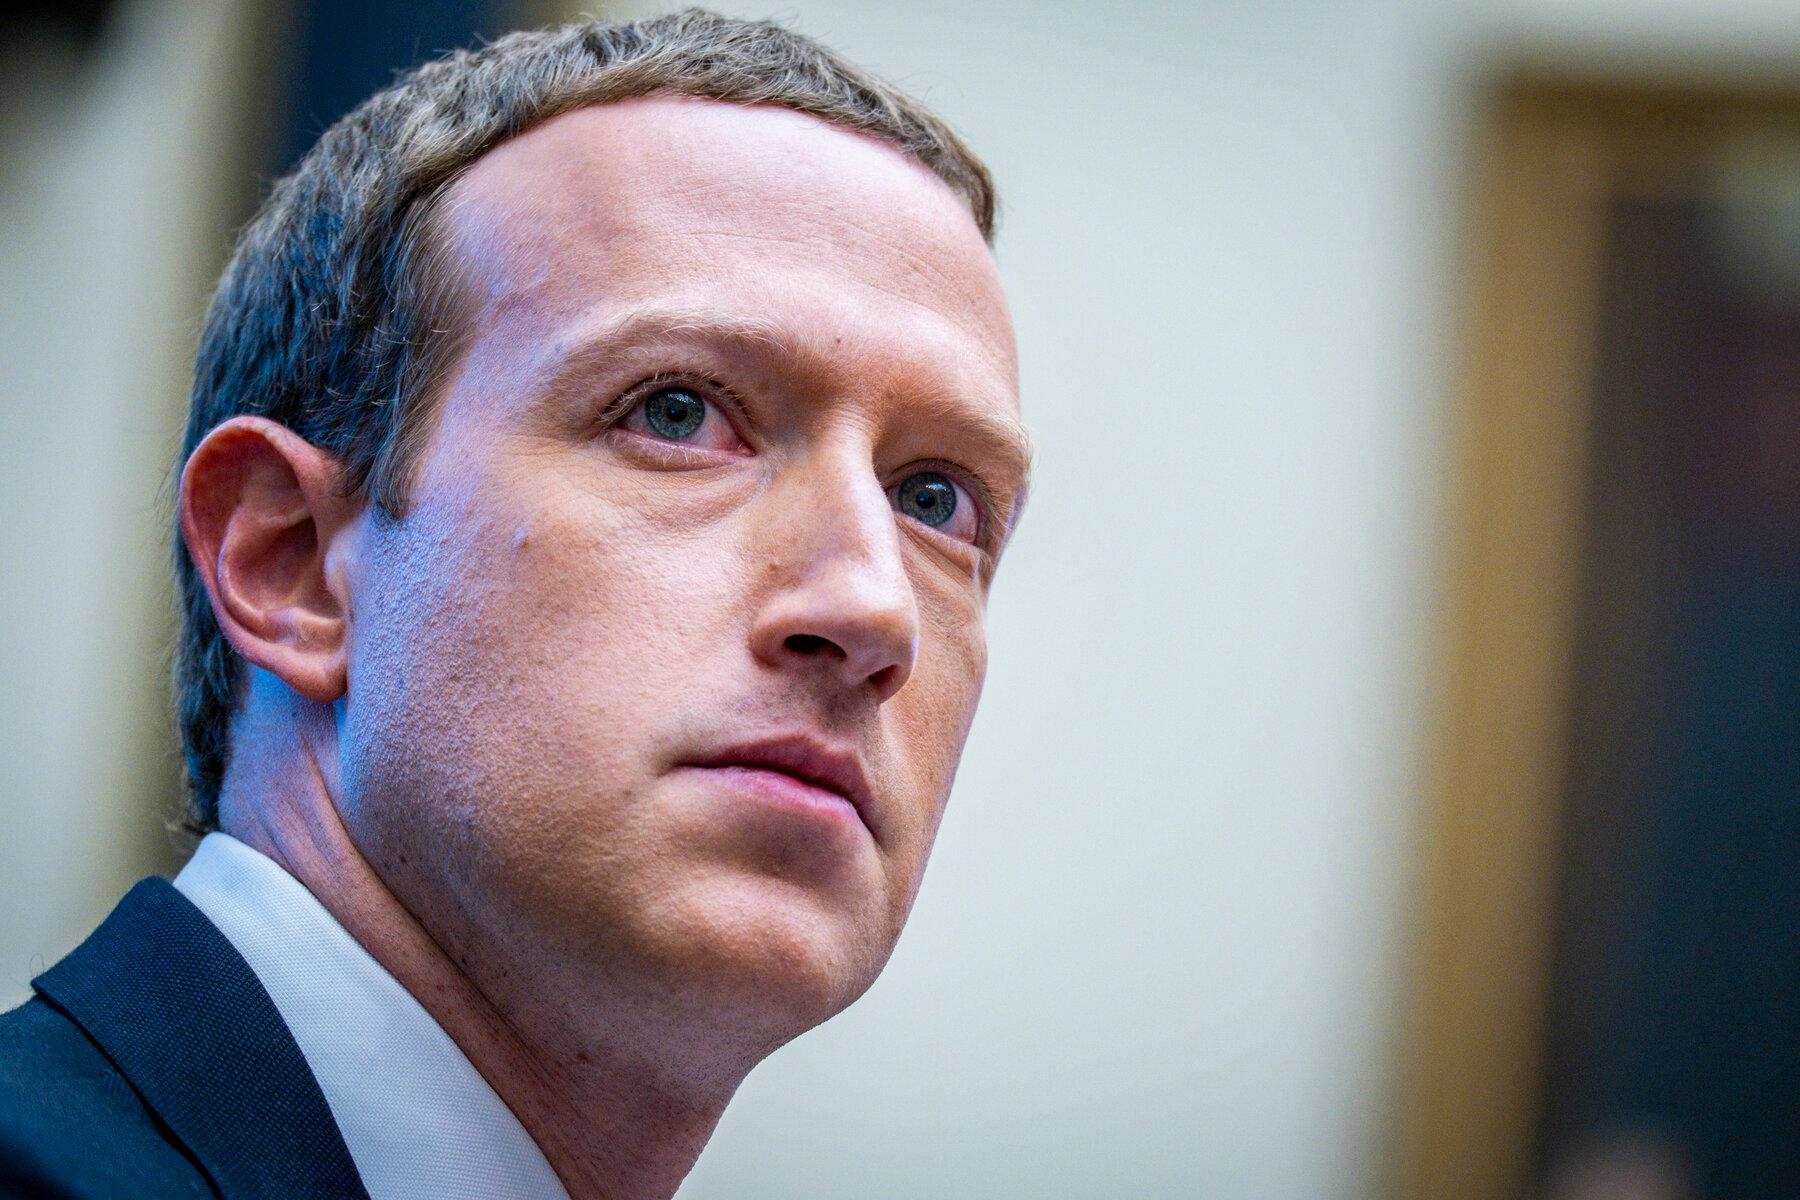 Номер телефона Марка Цукерберга просочился в интернет